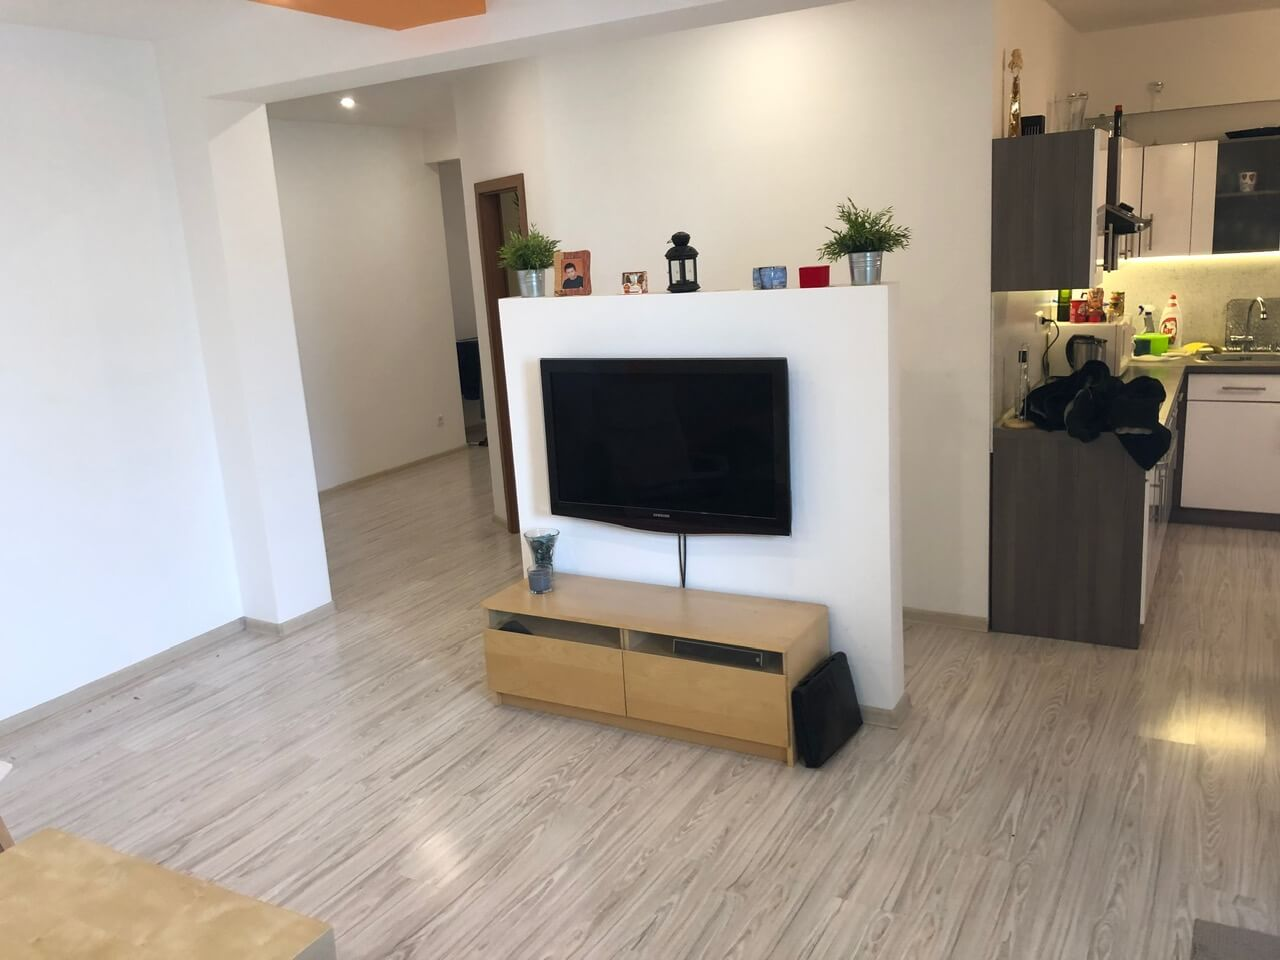 Predaný: Exkluzívne na predaj 3 izb. byt, 81,7m2, balkón 5 m2, pivnica 6m2, garáž, Dunajská Lužná, ulica Brezová-1